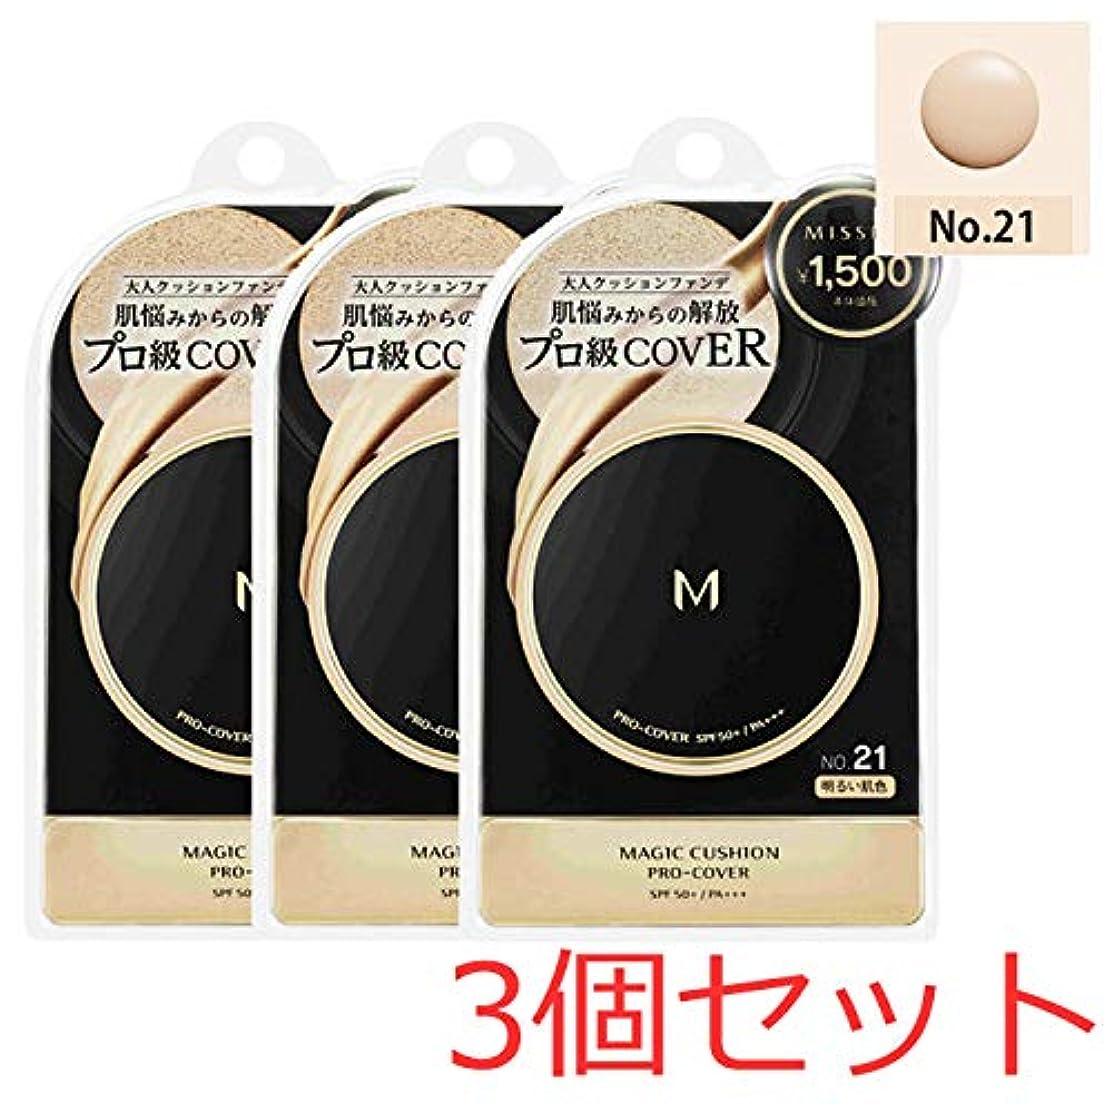 順応性提出する大胆なミシャ MISSHA M クッションファンデーション(プロカバー) No.21 15g 3個セット